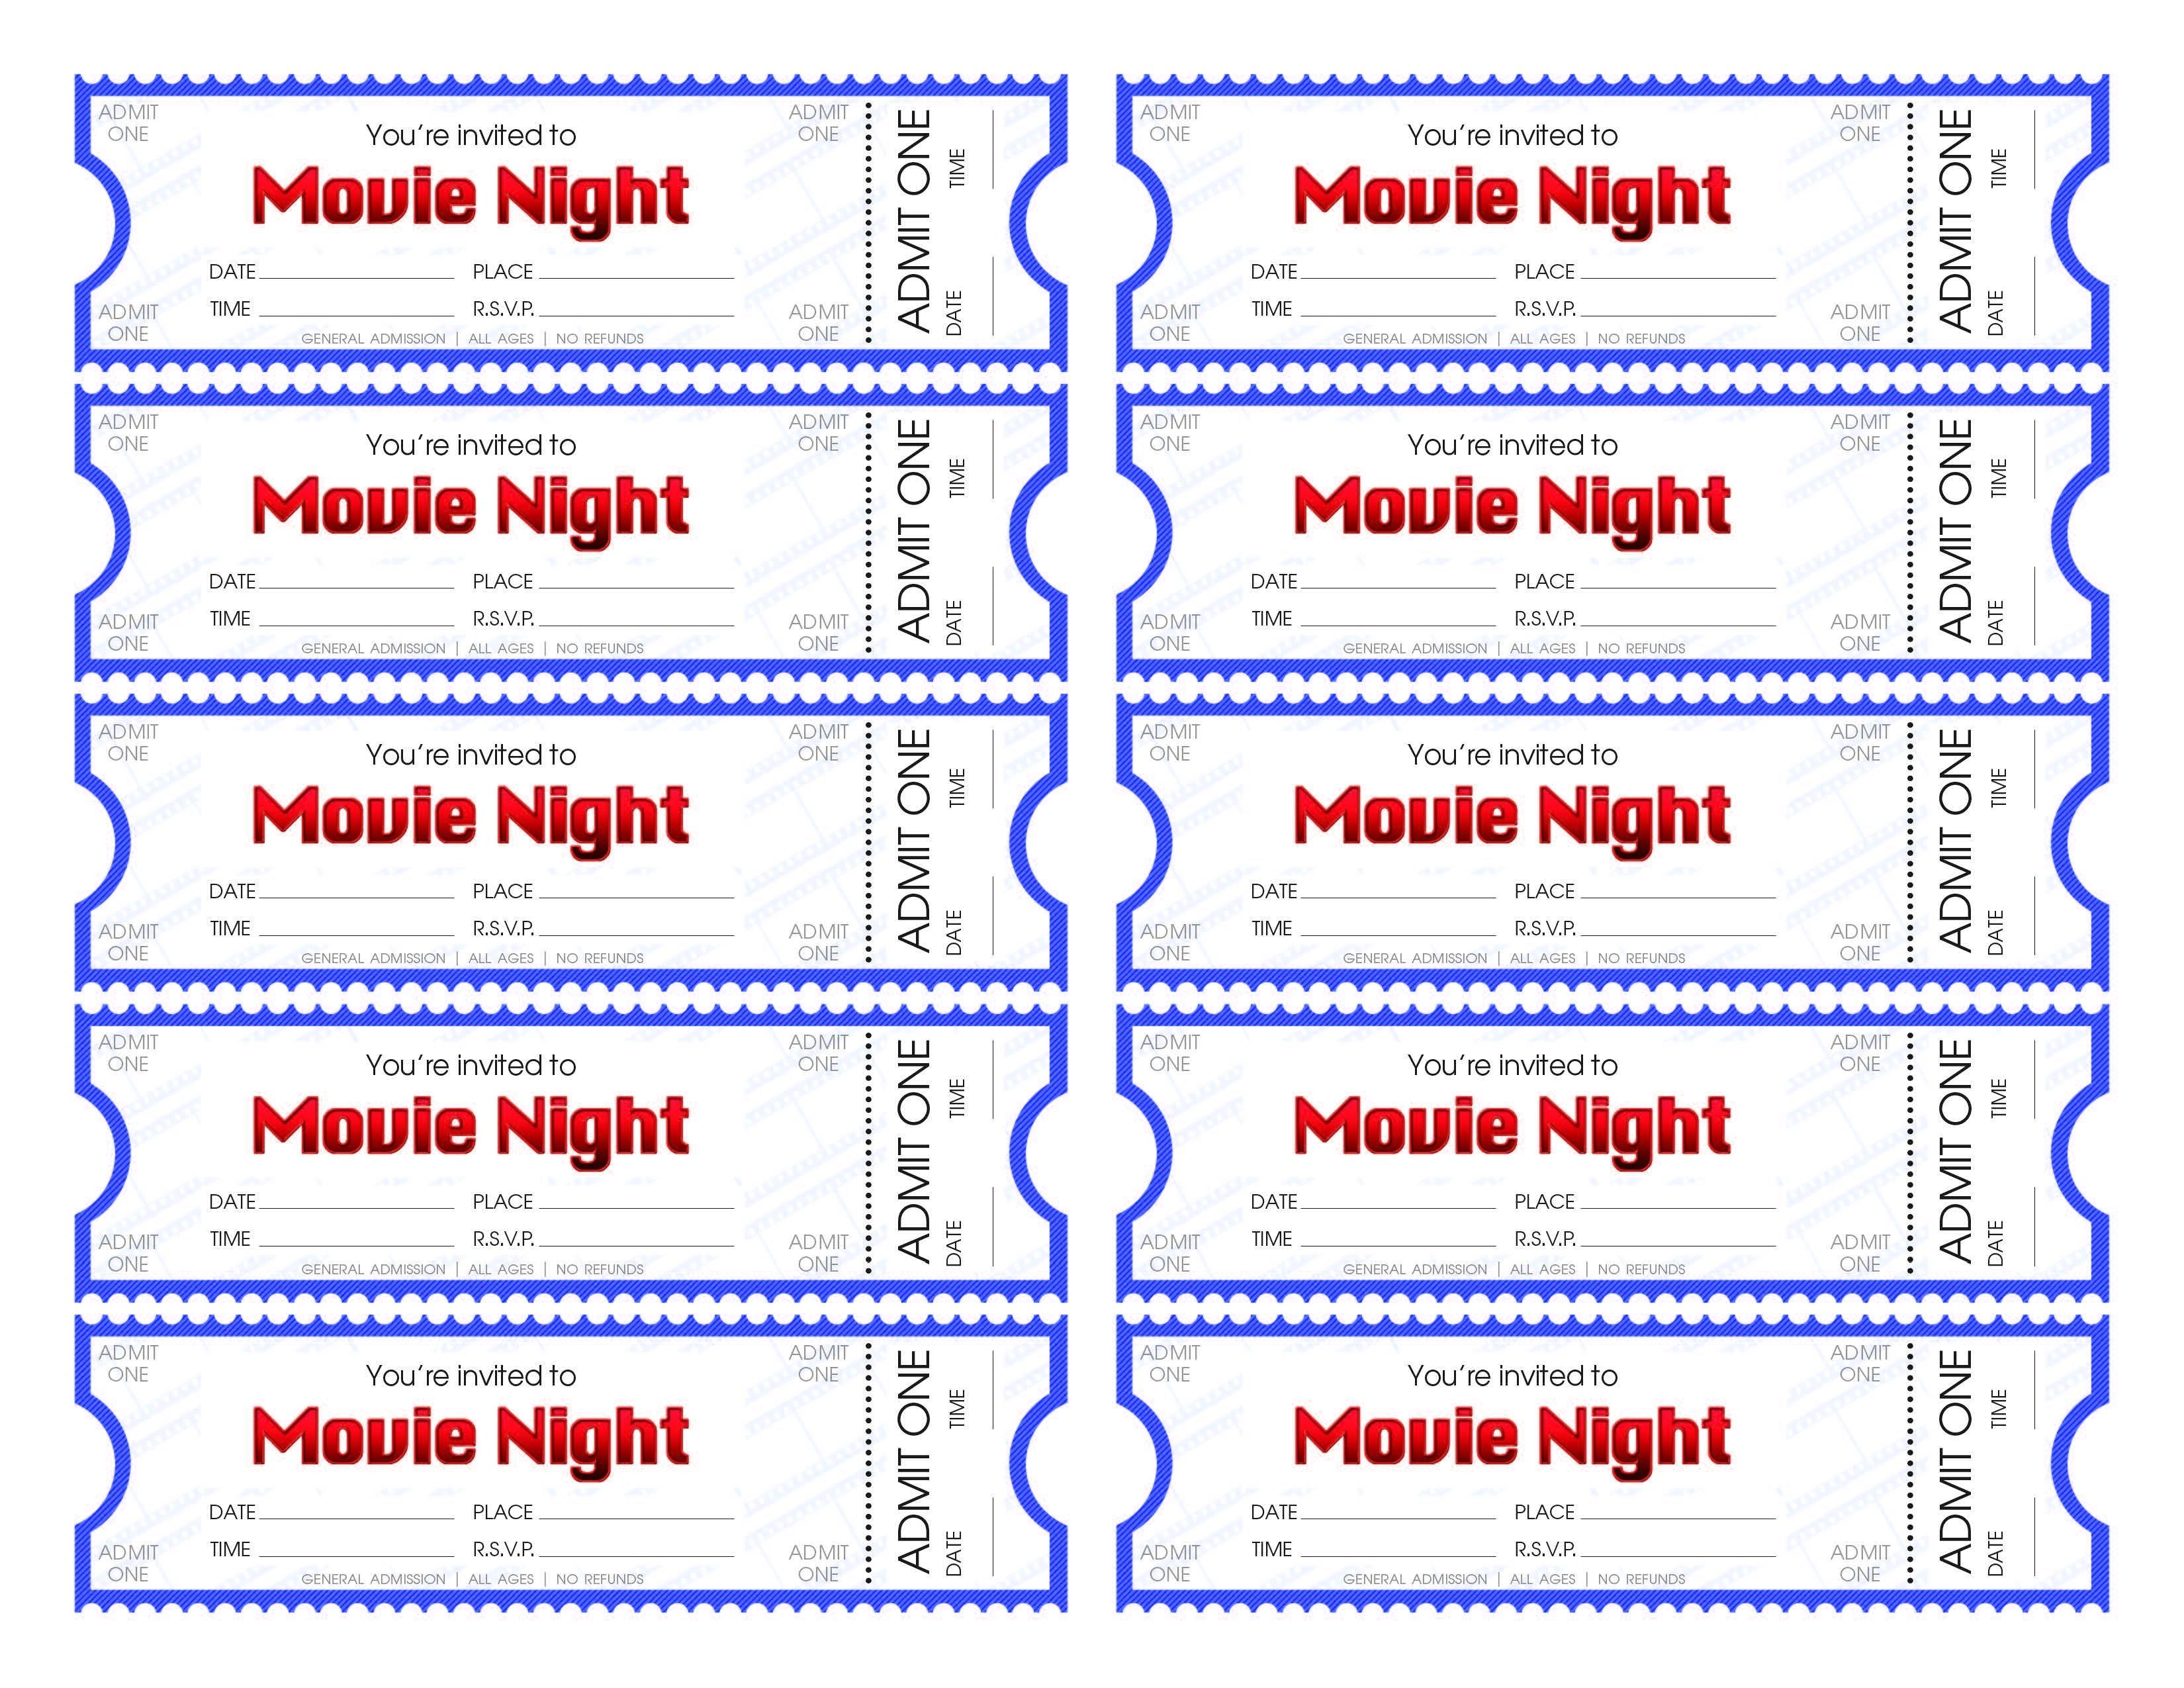 Free Printable Movie Tickets | Bestprintable231118 - Make Your Own Tickets Free Printable